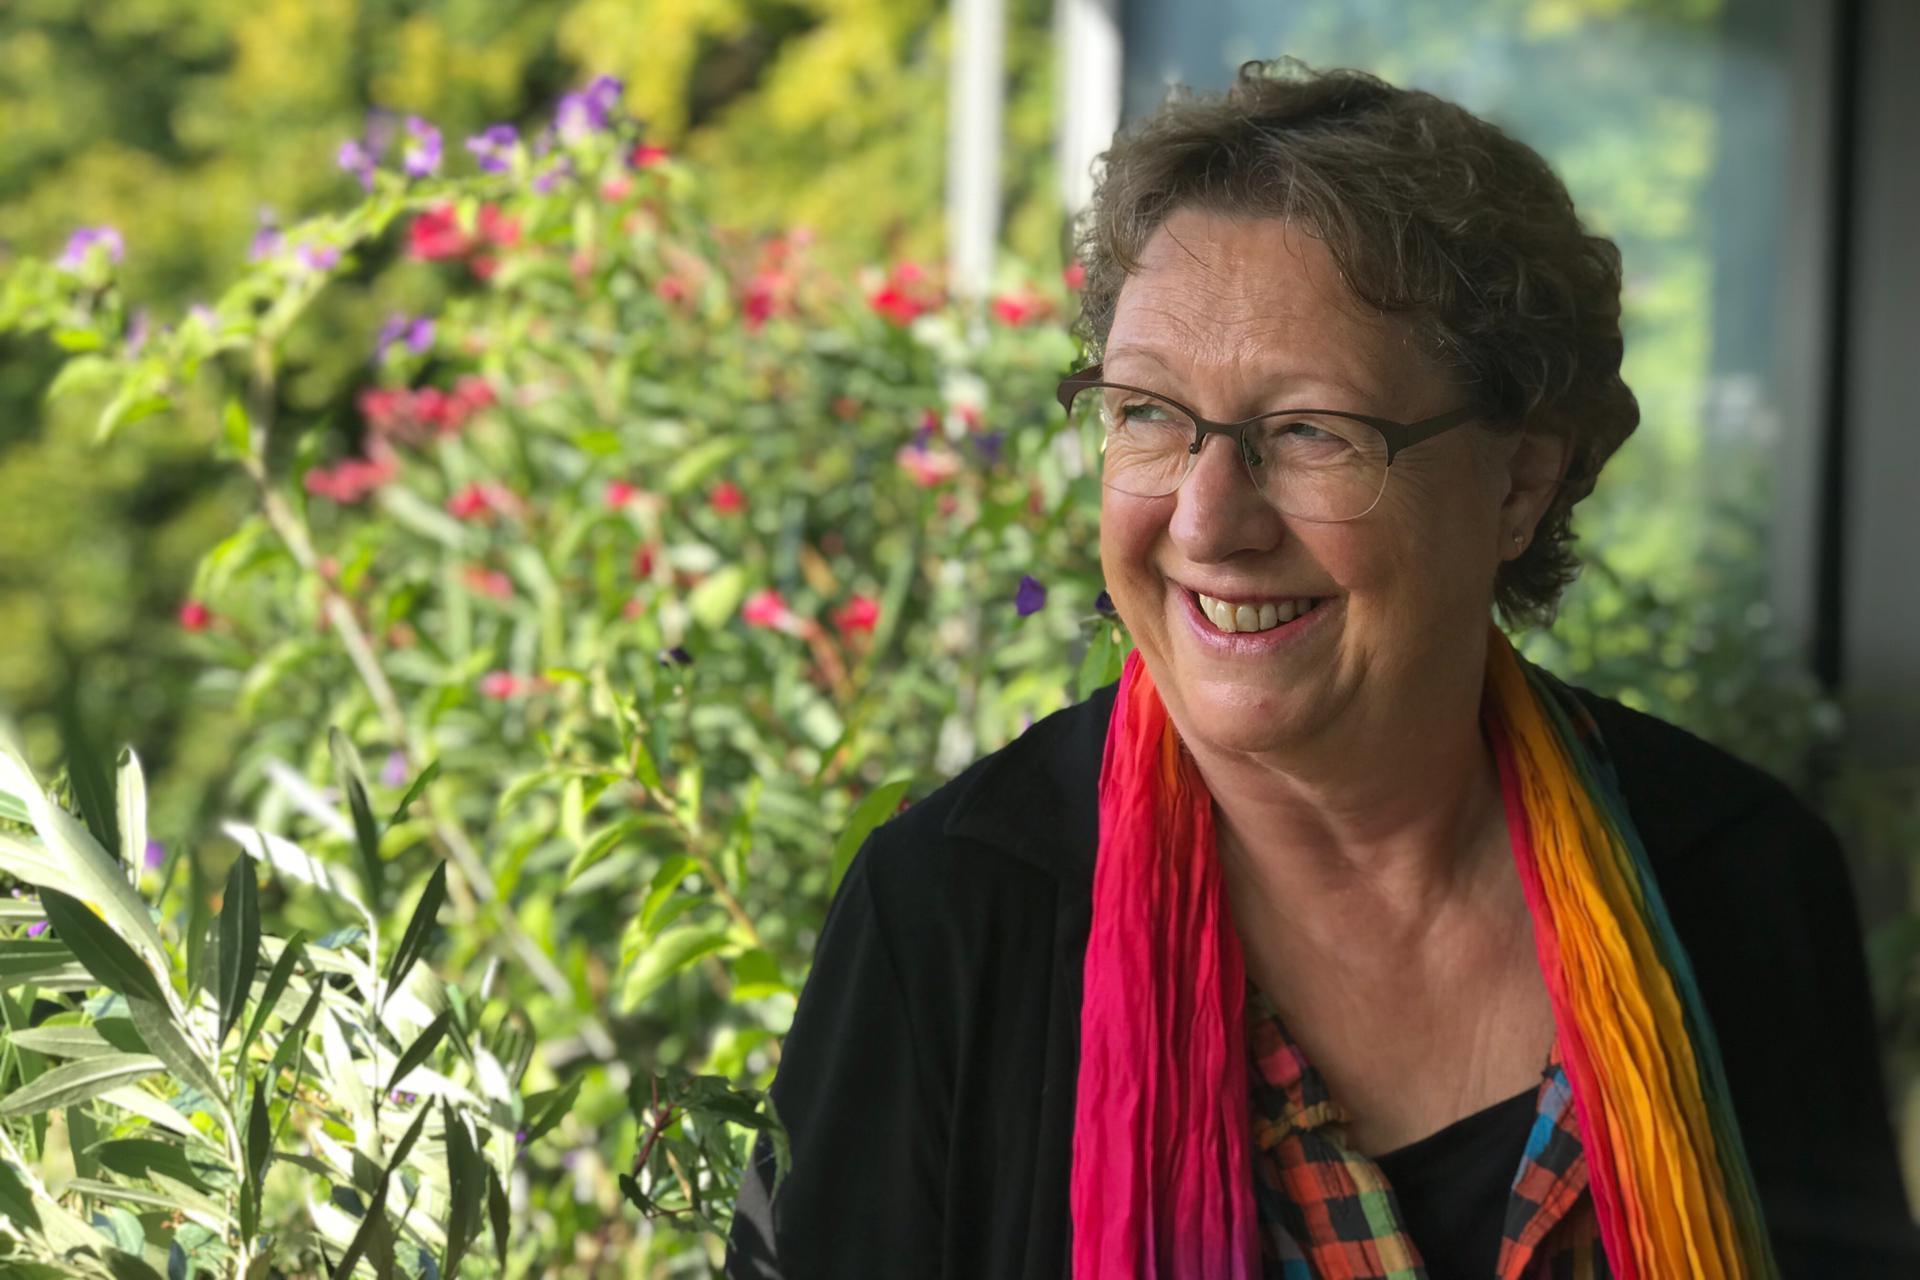 Gertrud Rüdlinger